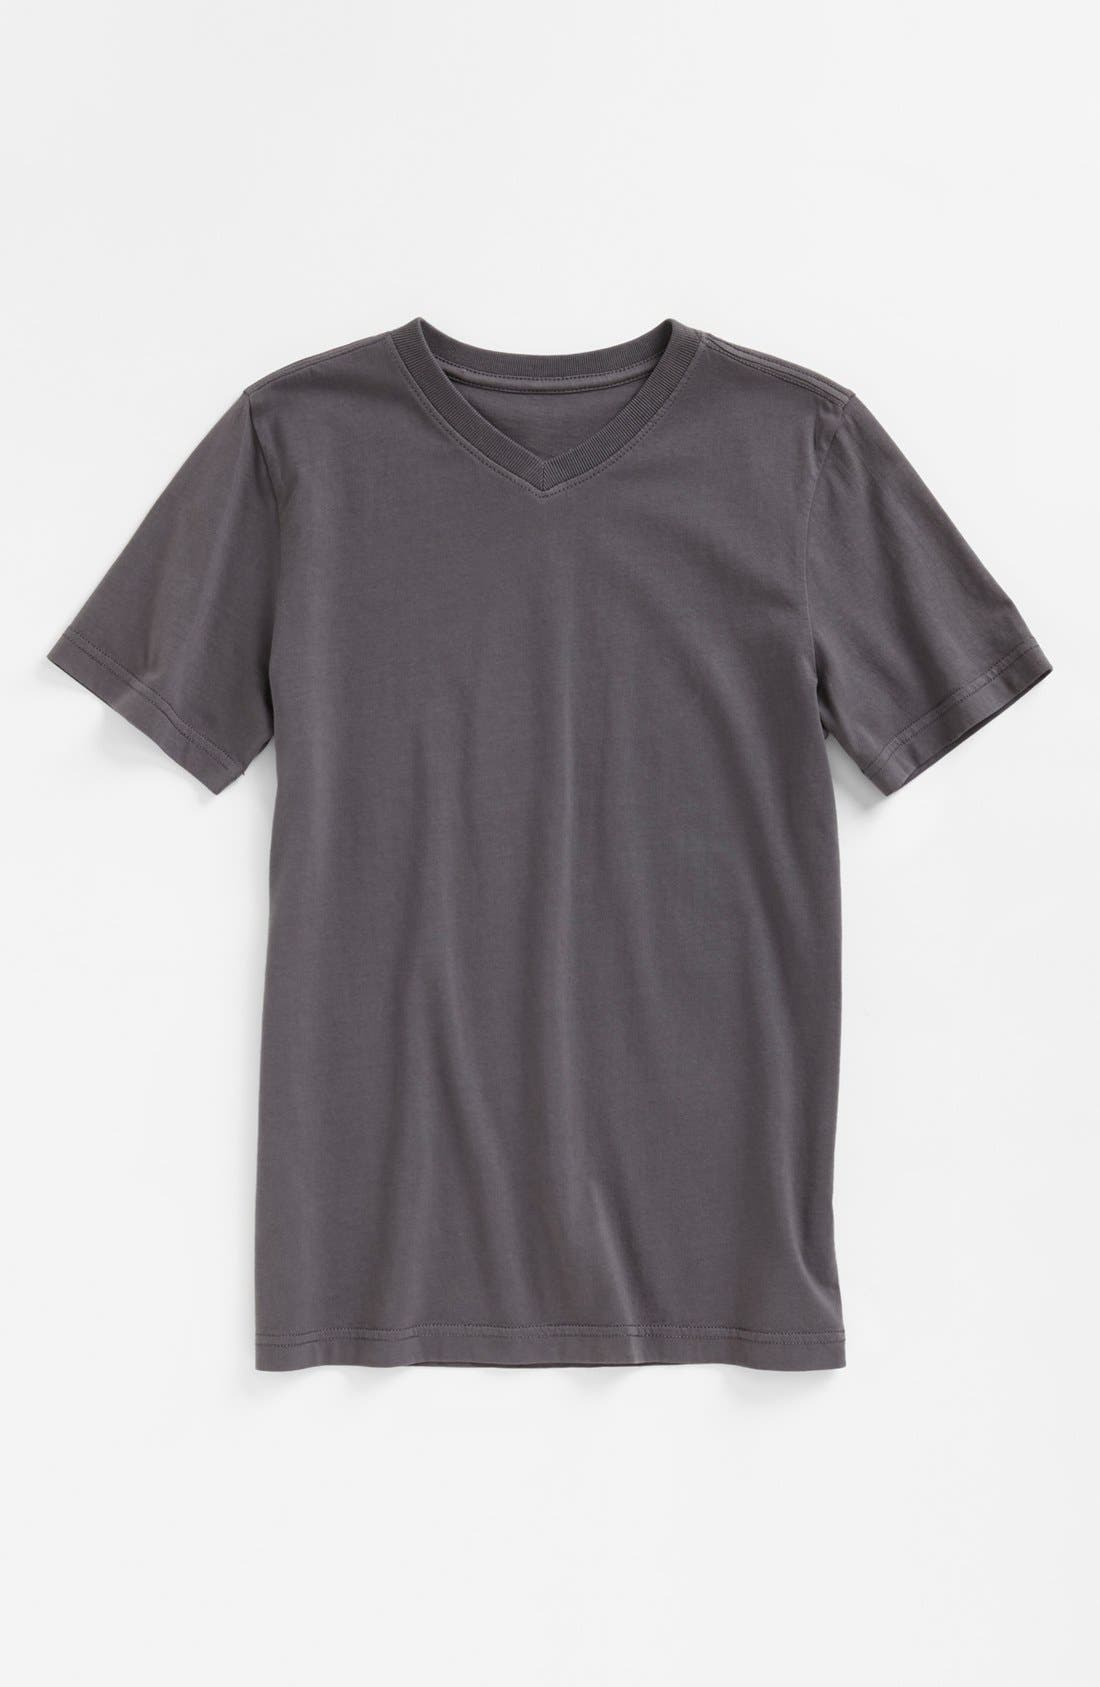 Alternate Image 1 Selected - Tucker + Tate 'Eastlake' T-Shirt (Toddler Boys & Little Boys)